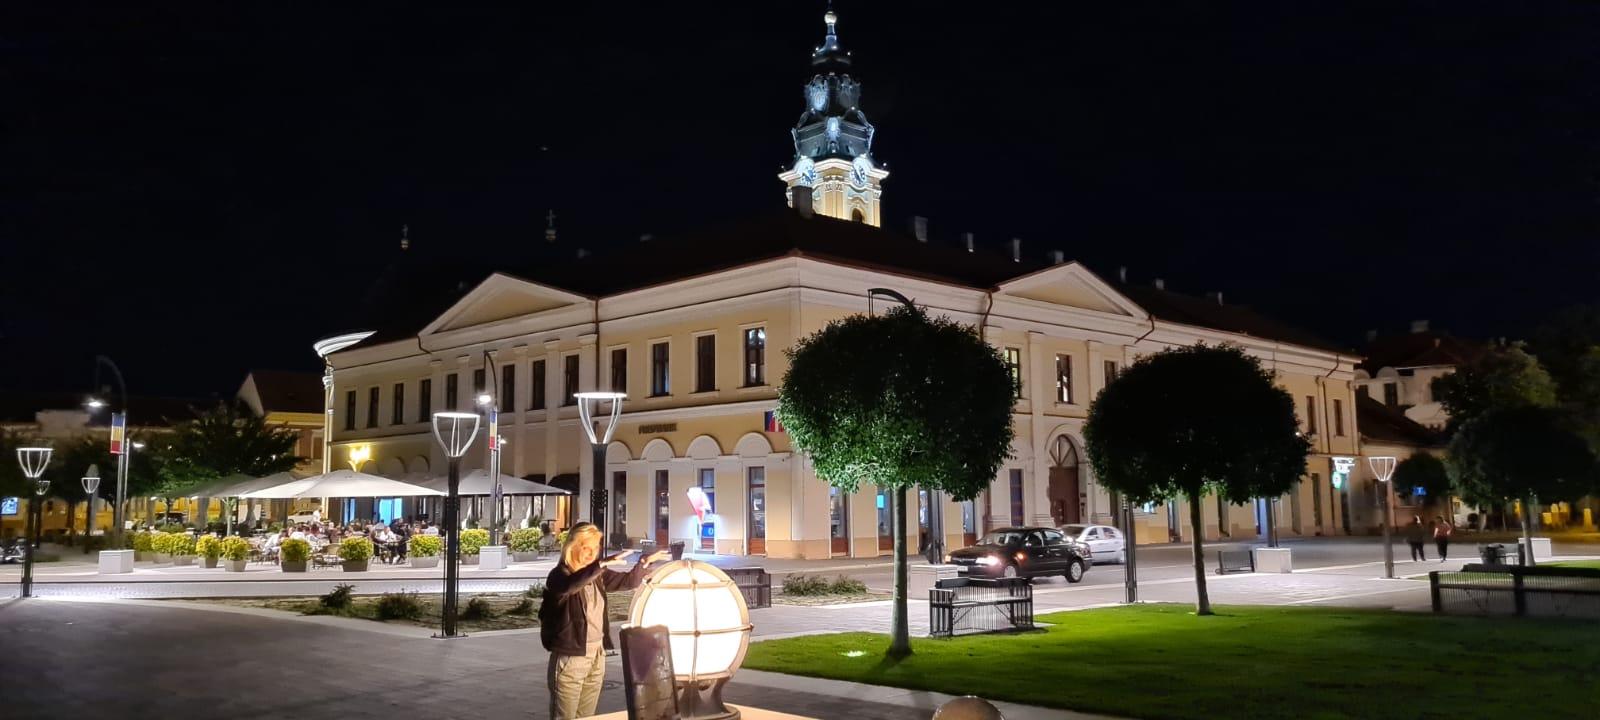 Ce poti face 5 zile intr-o vacanta in Oradea - Ziua 2